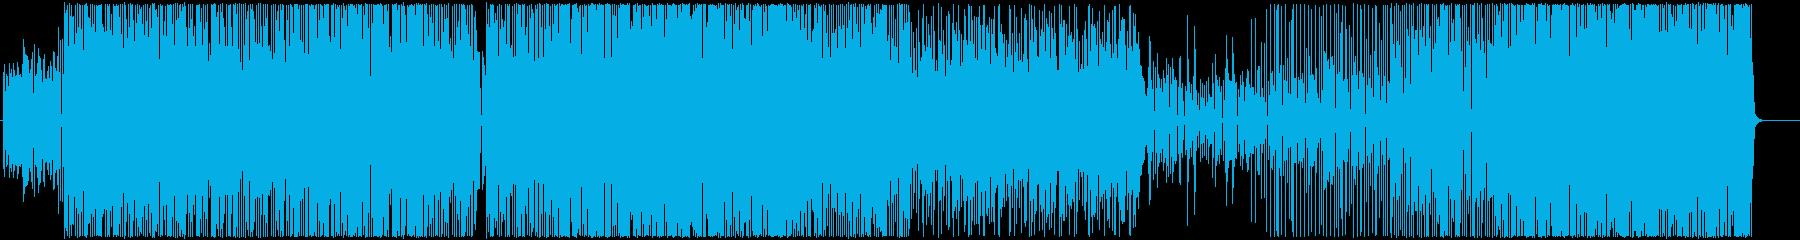 とてもとてもサーカスなフロラの再生済みの波形